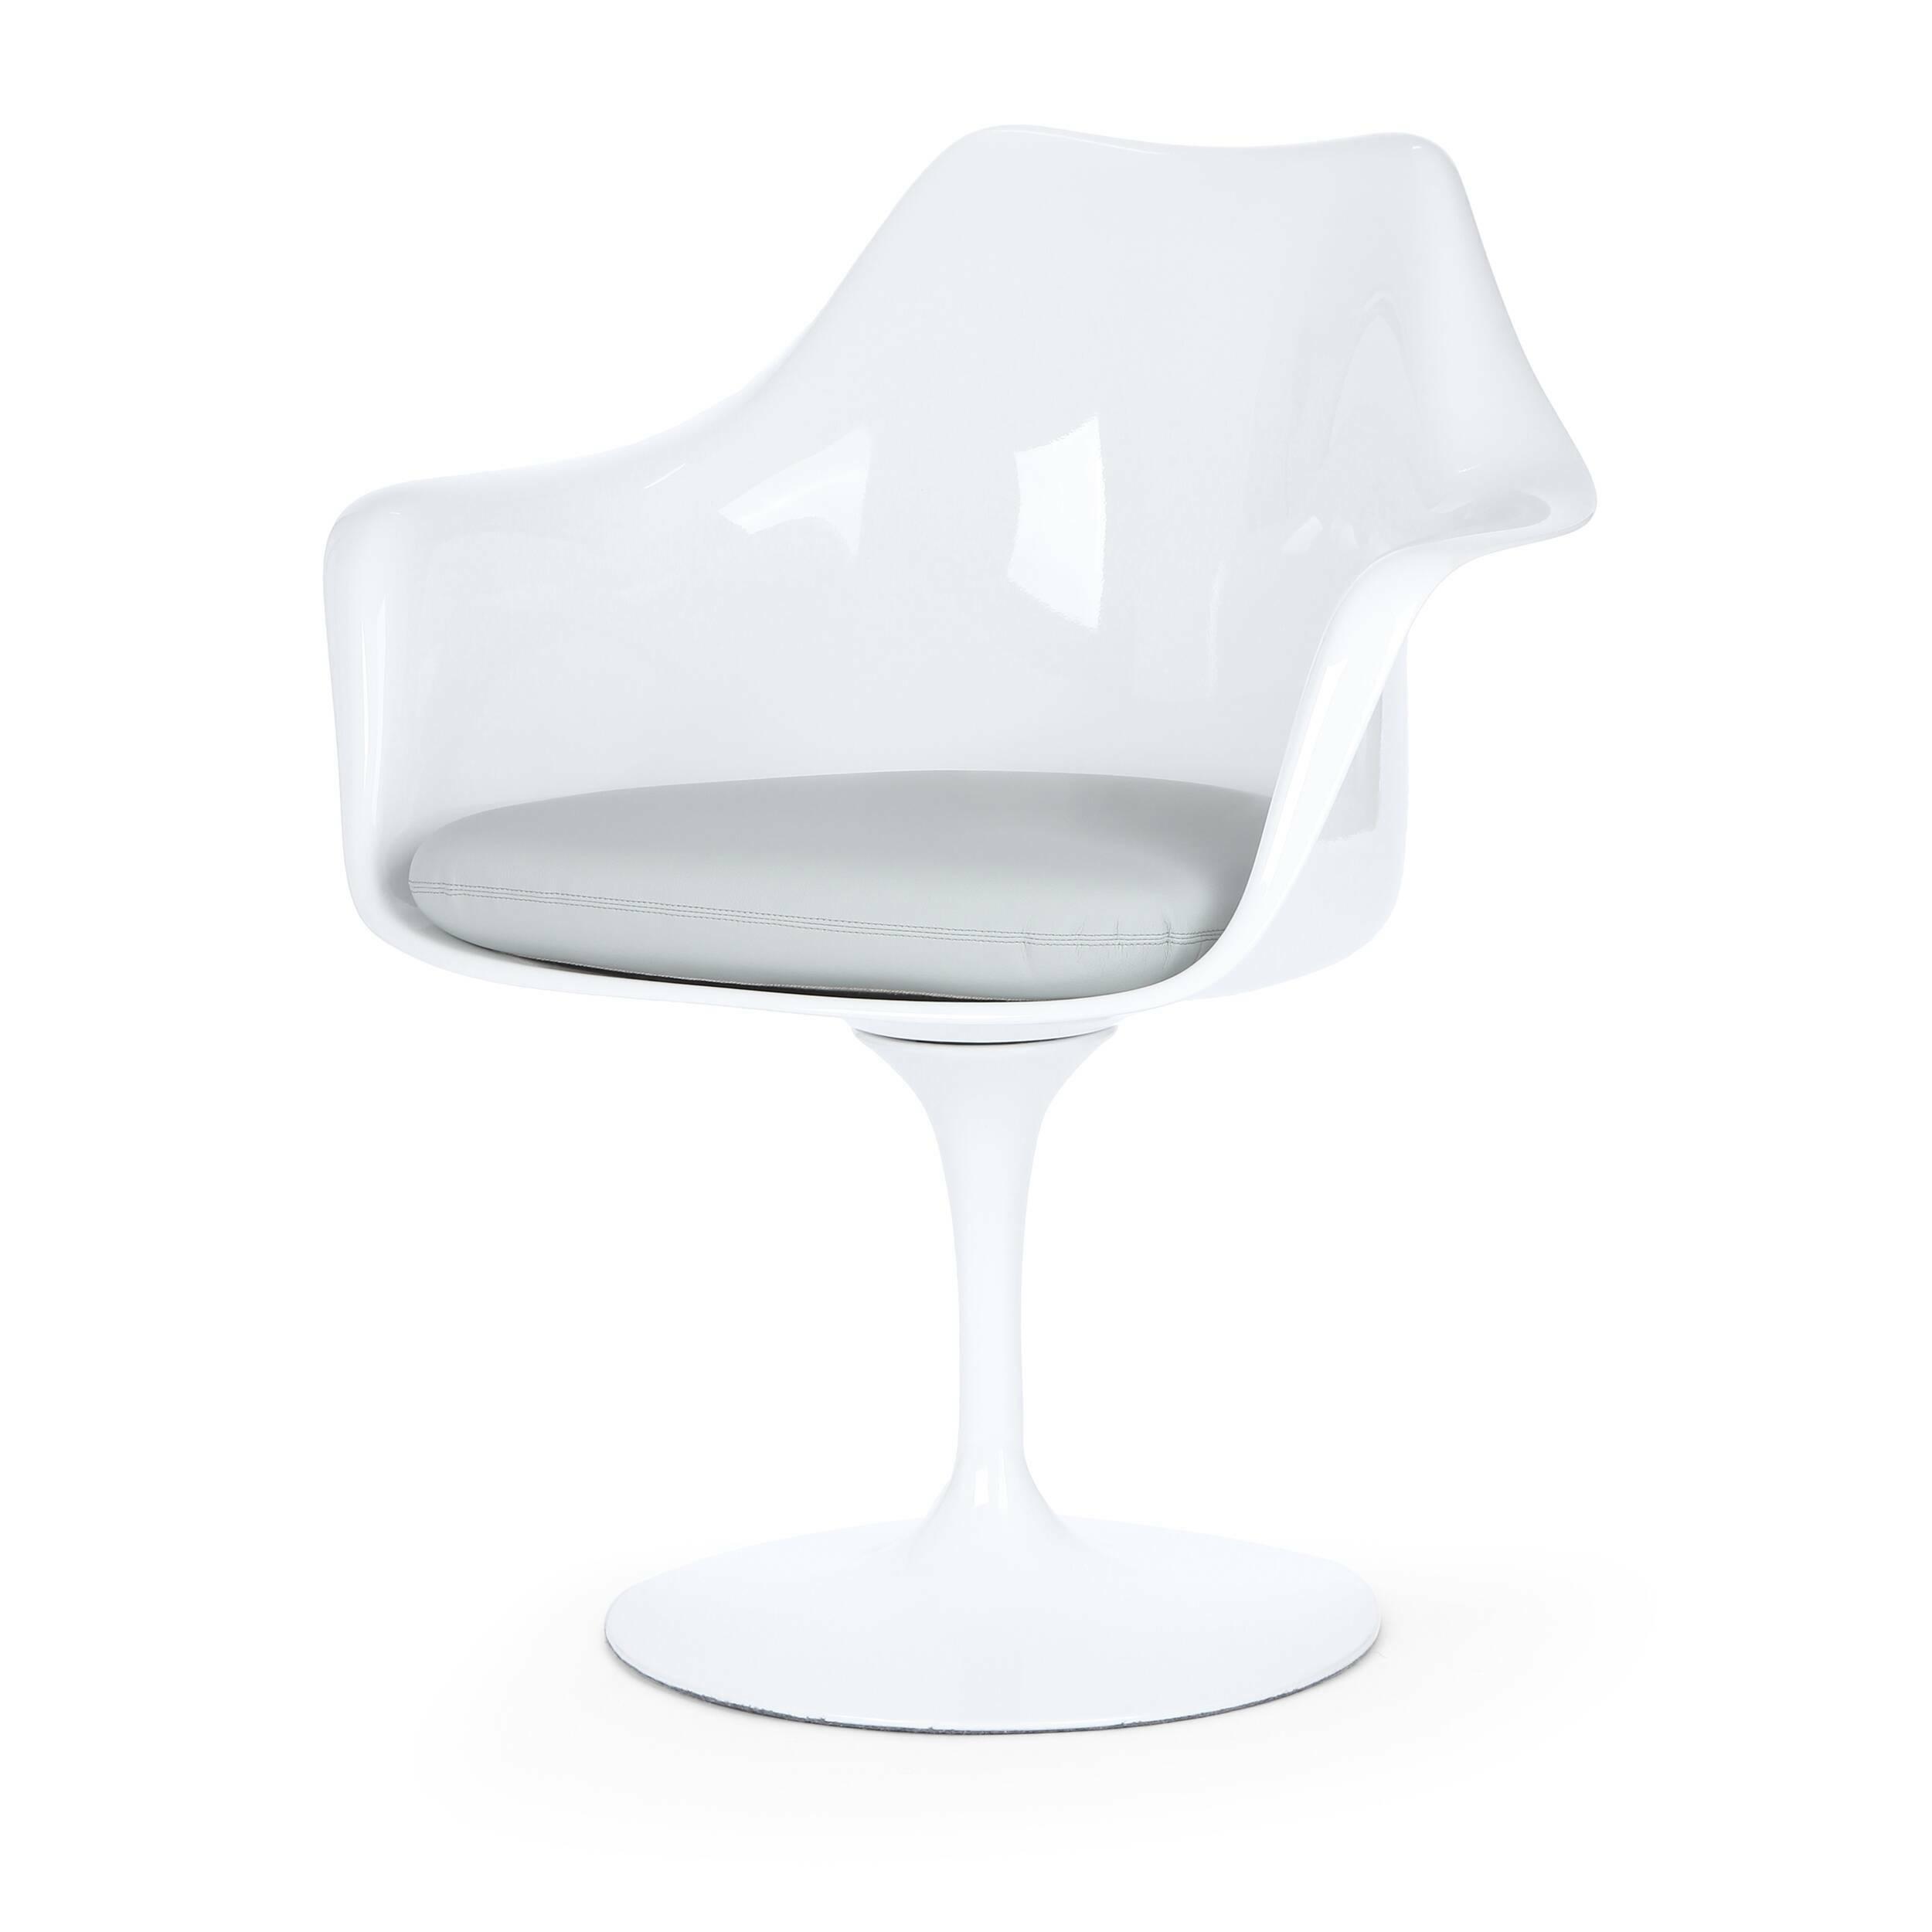 Cтул Tulip с подлокотниками и мягкой подушкойИнтерьерные<br>Дизайнерский мягкий стул Tulip (Тулип) с подлокотниками и мягкой подушкой из стекловолокна на глянцевой ножке с кожаным сиденьем от Cosmo (Космо).<br><br>     Свои основные идеи финн Ээро Сааринен черпал в аскетичном подходе к дизайну, воплощая их в наиболее эффективных конструкционных решениях. «Решение любой дизайнерской задачи нужно искать в следующей, более крупной вещи, — утверждал Сааринен. — Если загвоздка в стуле, мы должны смотреть на то, как он соотносится с комнатой». Именно в стуле Tu...<br><br>stock: 3<br>Высота: 80,5<br>Высота сиденья: 47<br>Ширина: 66<br>Глубина: 58<br>Цвет ножек: Белый матовый<br>Тип материала каркаса: Стекловолокно<br>Материал сидения: Кожа искусственная<br>Цвет сидения: Серый<br>Тип материала сидения: Полиуретан<br>Коллекция ткани: Premium Grade PU<br>Тип материала ножек: Алюминий<br>Цвет каркаса: Белый матовый